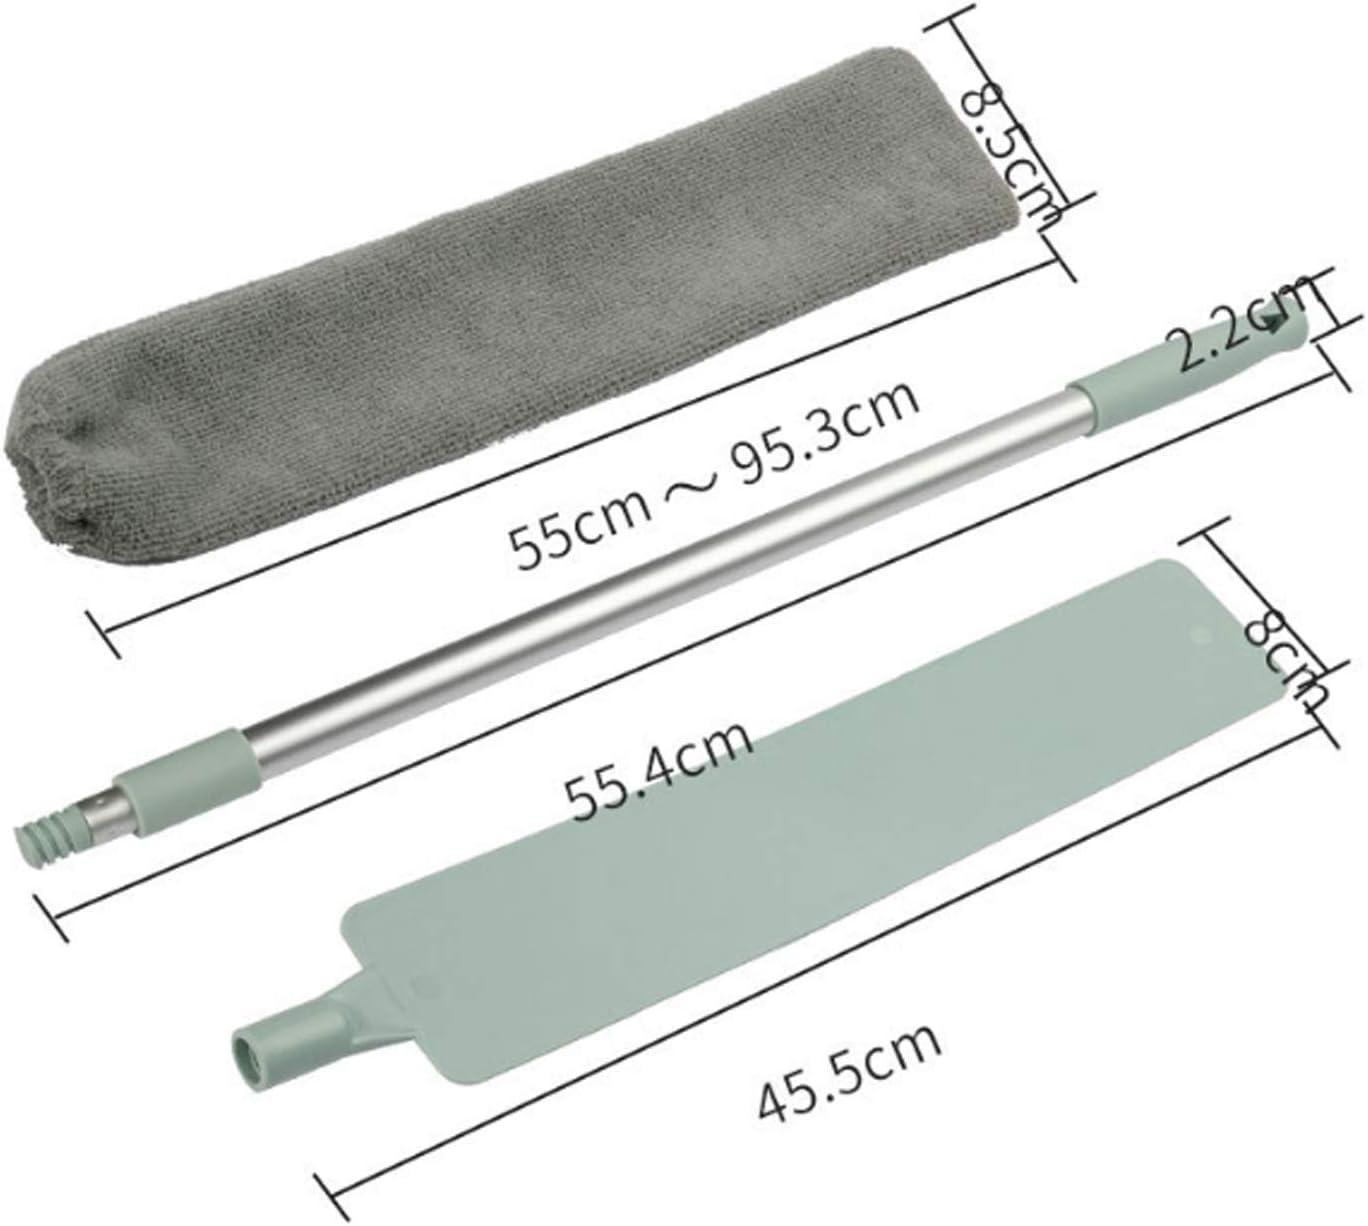 A HHKX100822 Manico Lungo Pieghevole Non Tessuto Spolverino Retrattile Non Pelucchi Pulizia Strumento Sanitario Antistatico per Uso Domestico